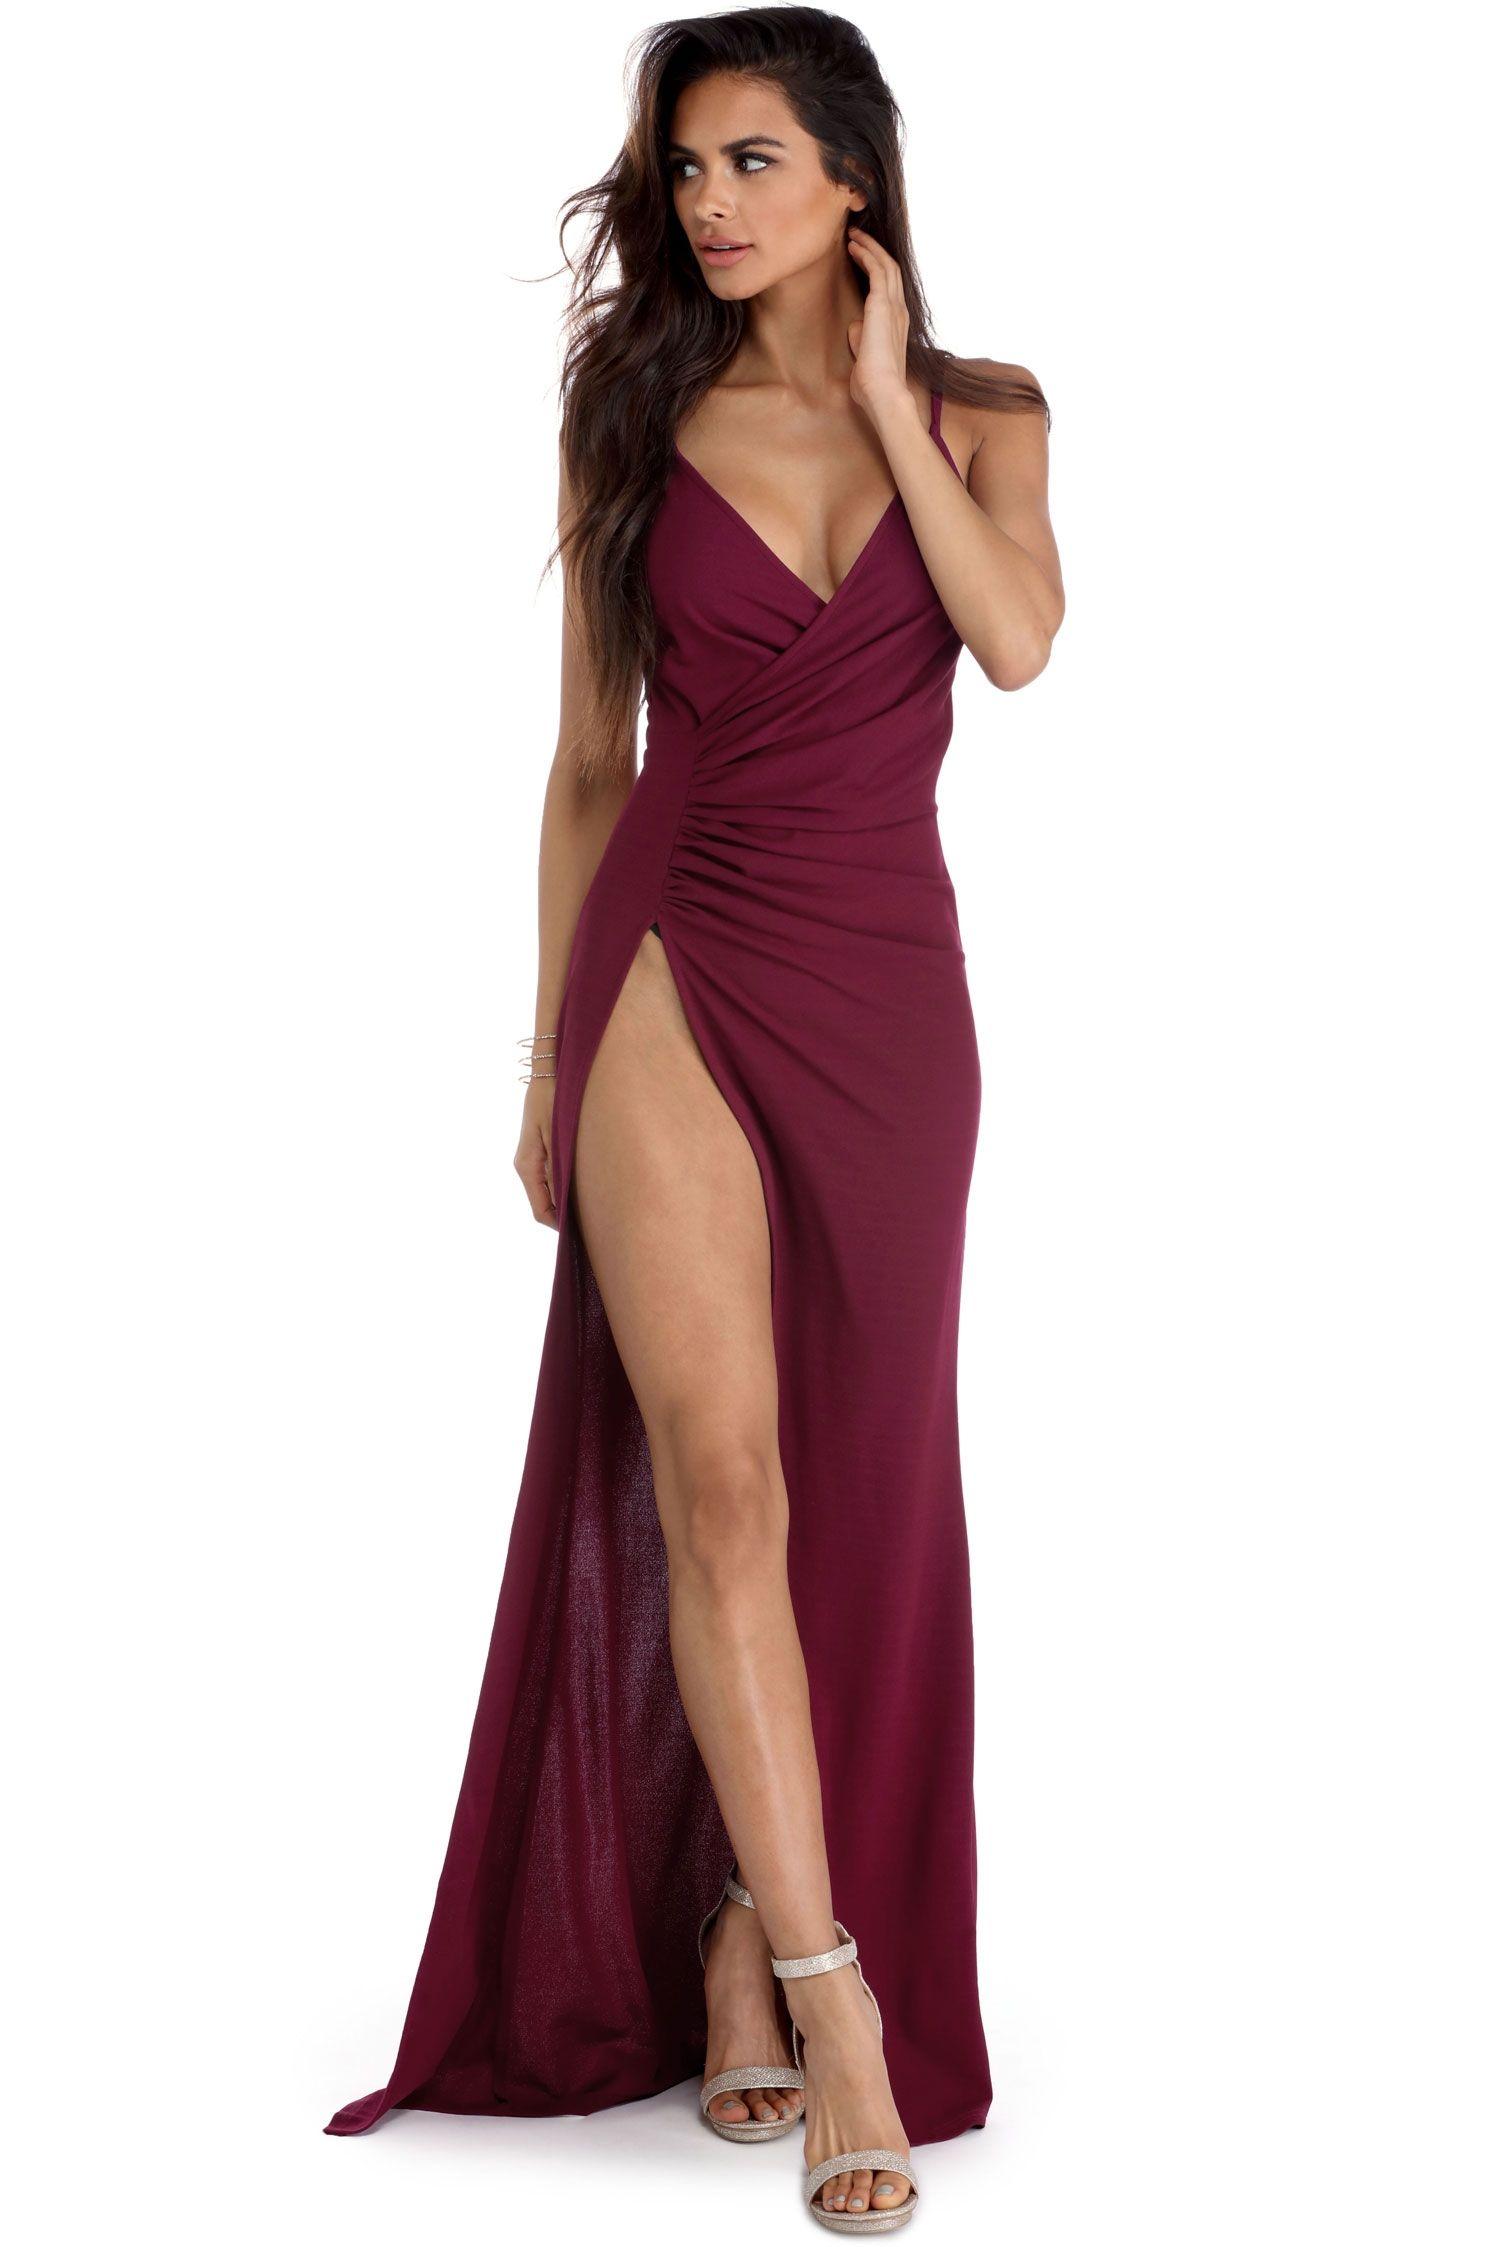 Leda Burgundy High Slit Dress